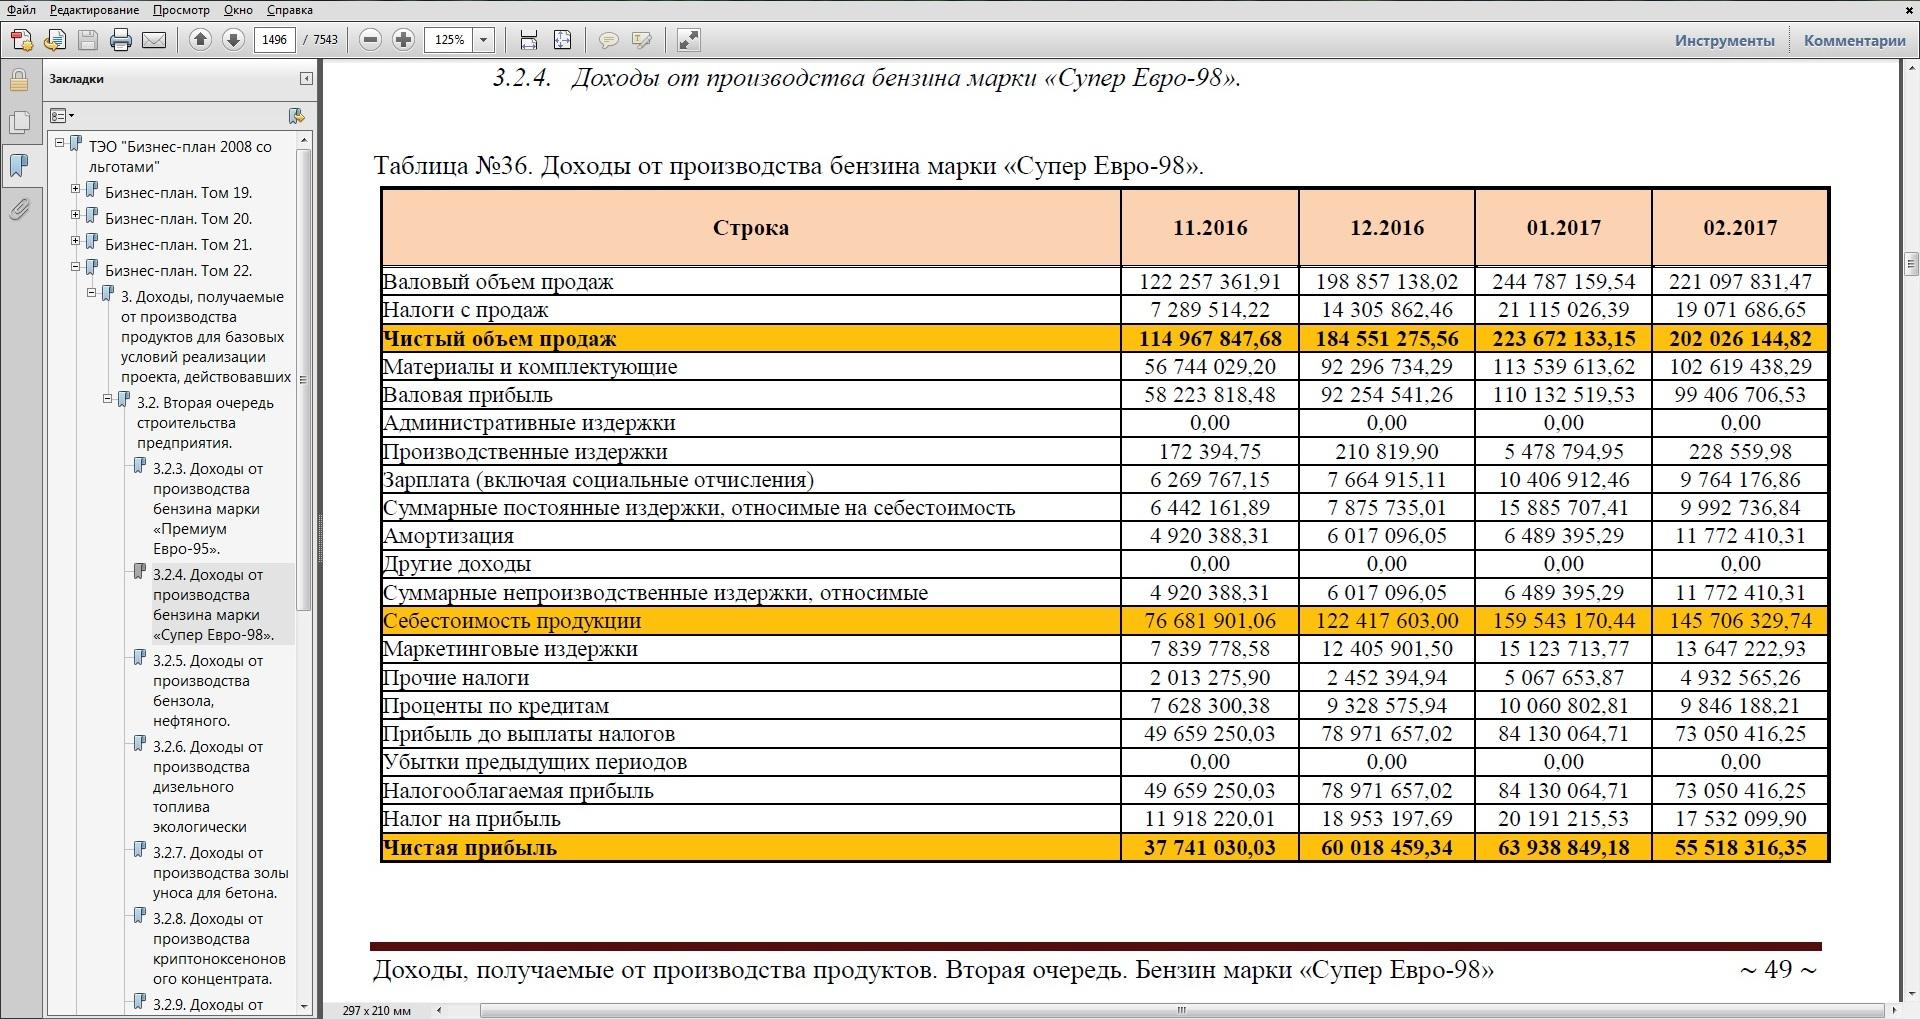 2. Технико-экономические характеристики проекта.